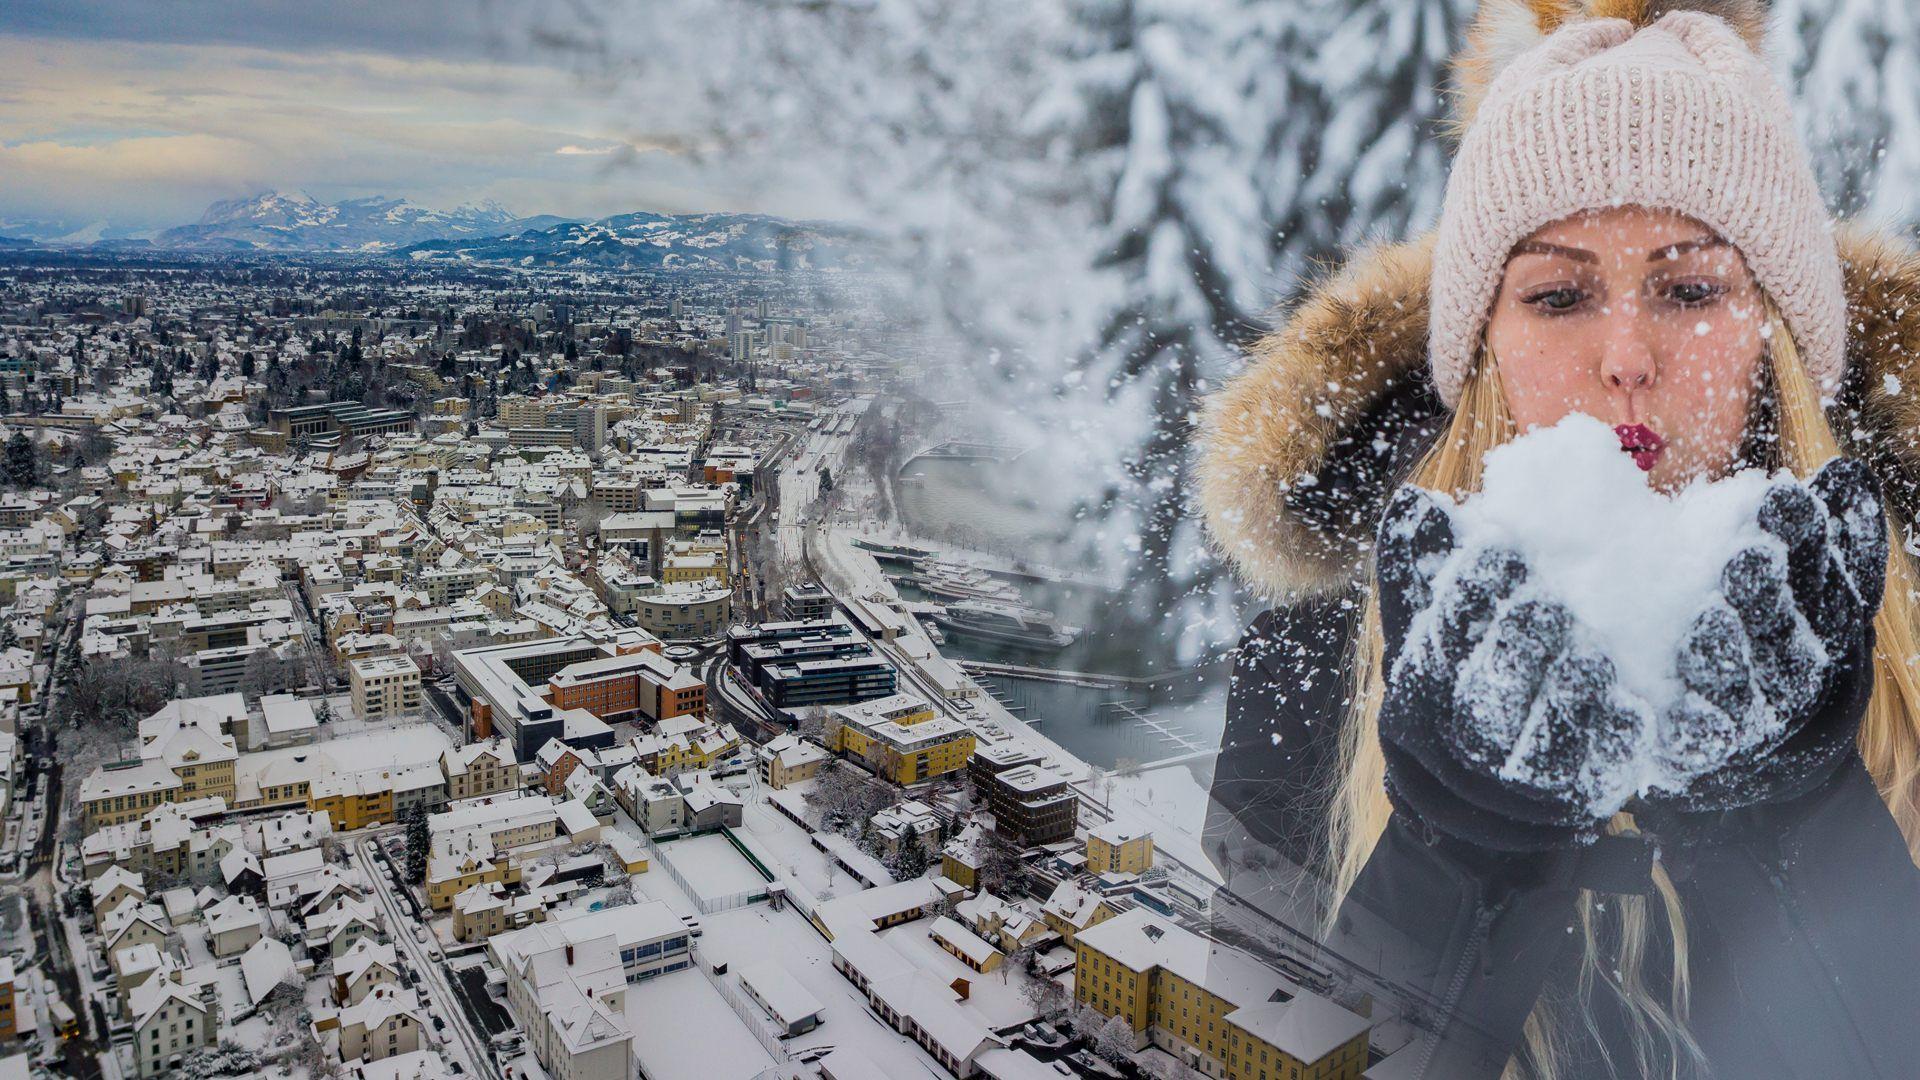 Gibt es heuer weiße Weihnachten in Vorarlberg? - Bregenz | VOL.AT